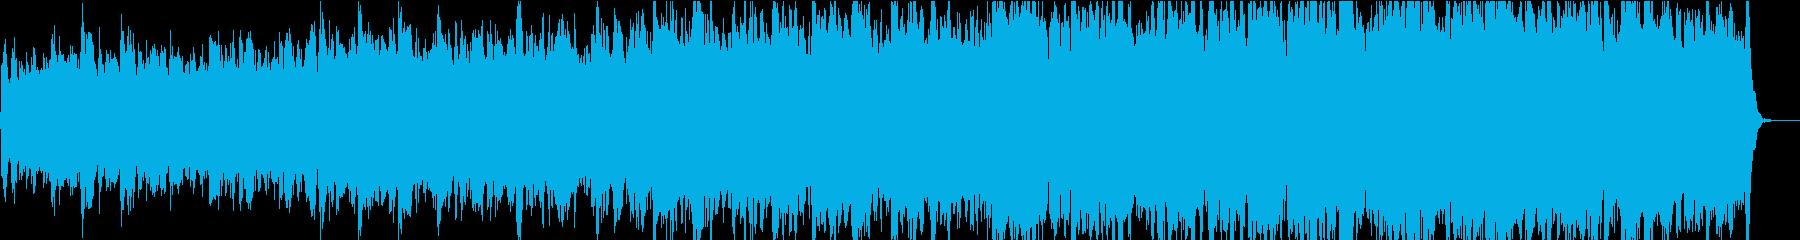 知的な企業VP・解説・感動オケ1全楽器の再生済みの波形